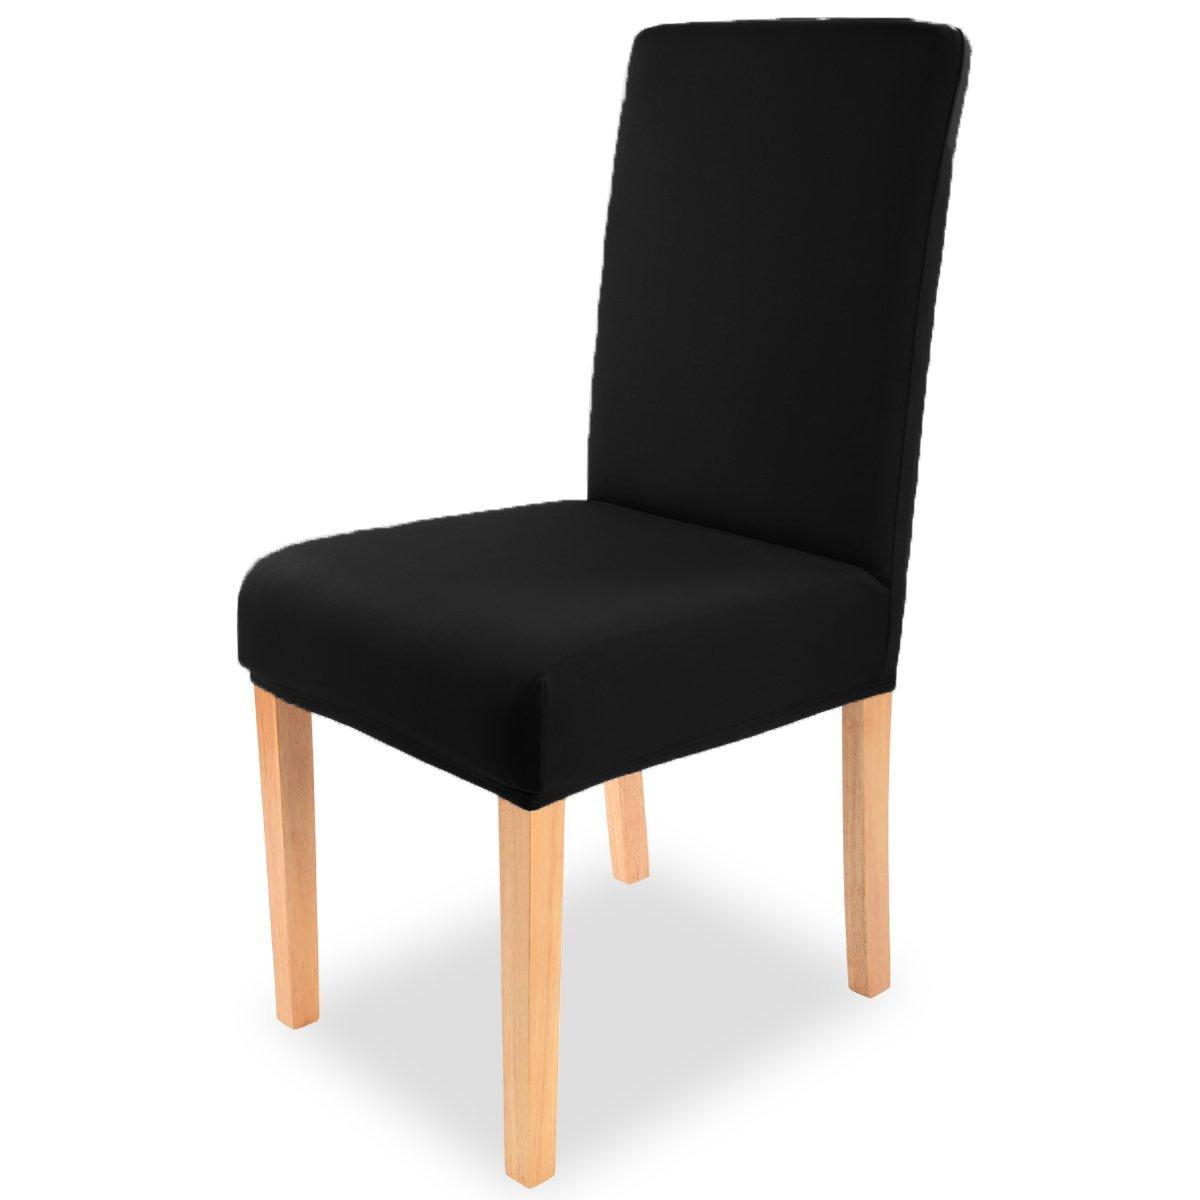 Universal - sedia esprito sedia con rivestimento Stretch nei colori grigio, grigio chiaro, marrone, ceme-bianco, rosso e turchese ca, 40 x 65 cm di Brand SELLER, Cotone, Crema/bianco, 40 x 40 x 65 cm brandsseller